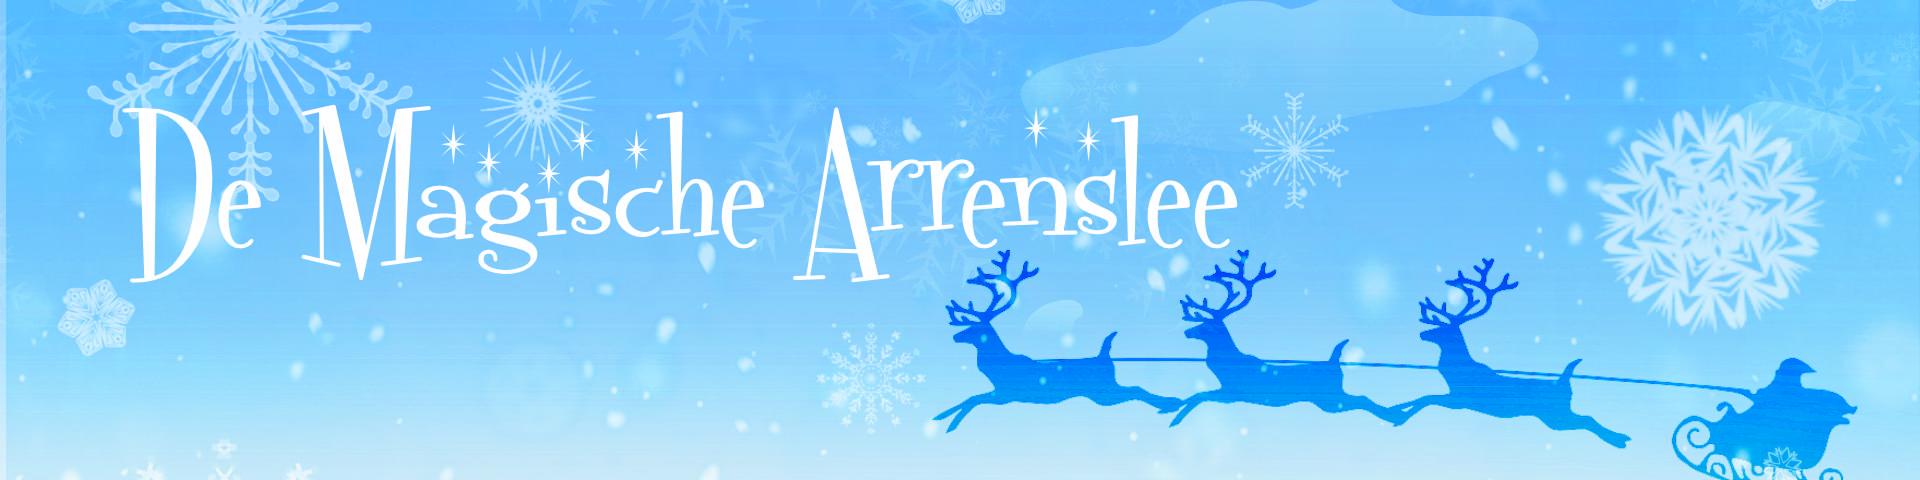 De Magische Arreslee kerstmusical